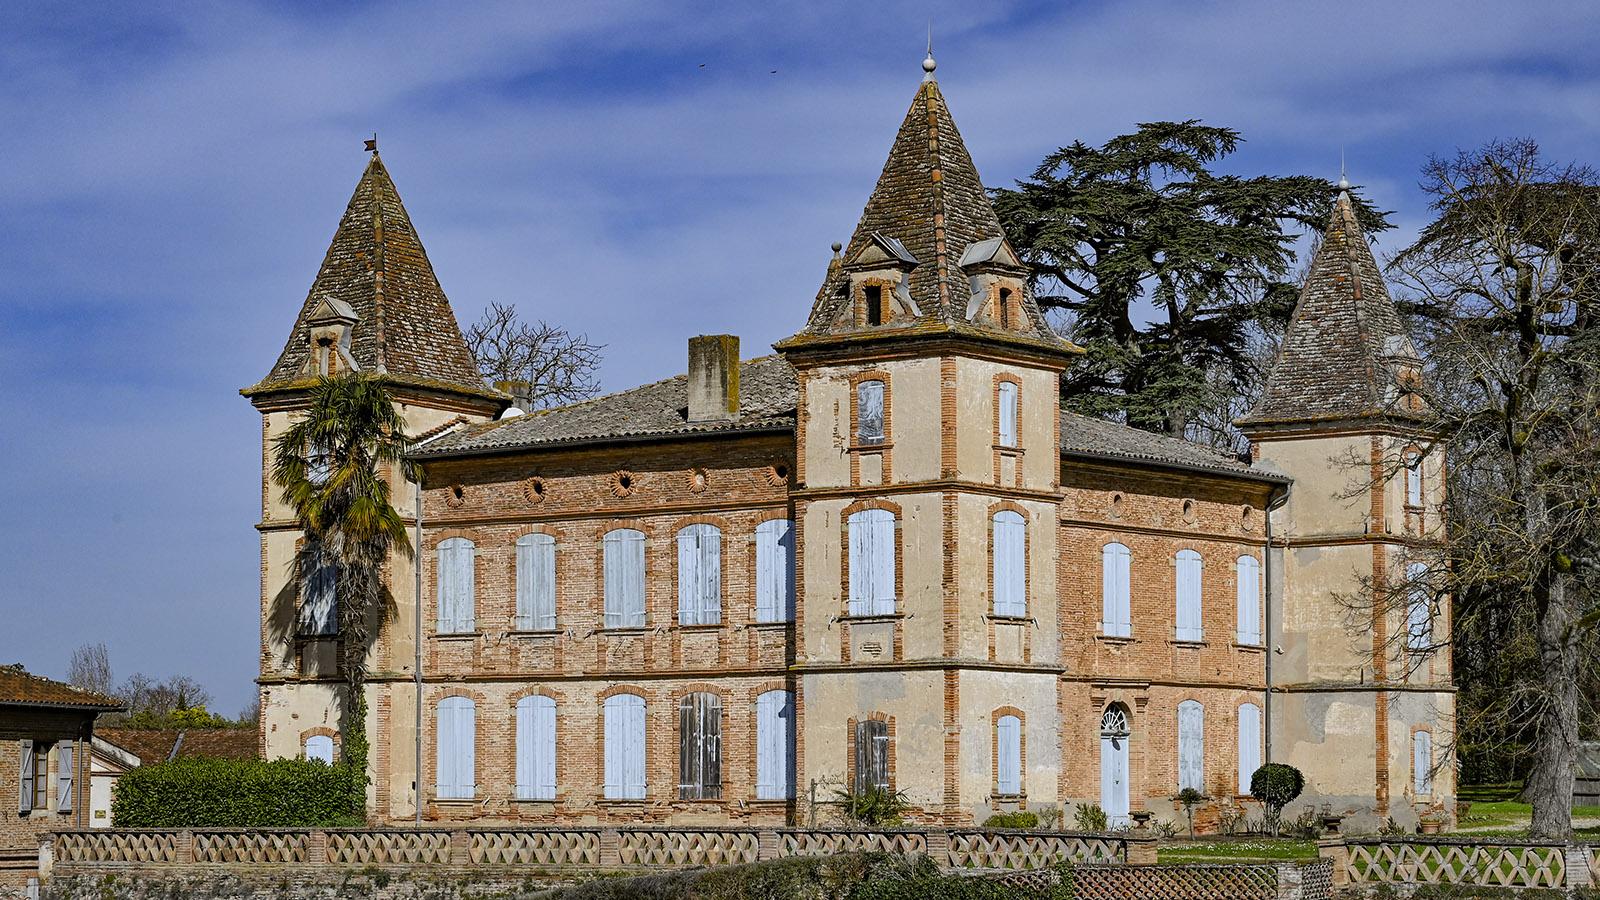 Giroussens: Am 16. Dezember 1896 wurde auf dem Château de Belbeze die Bildhauerin Lucie Bouniol geboren. Ihr zu Ehren wurde ein Nebengebäude des Schlosses in ein Kunstzentrum umgewandelt, das ihren Namen trägt. Foto: Hilke Maunder